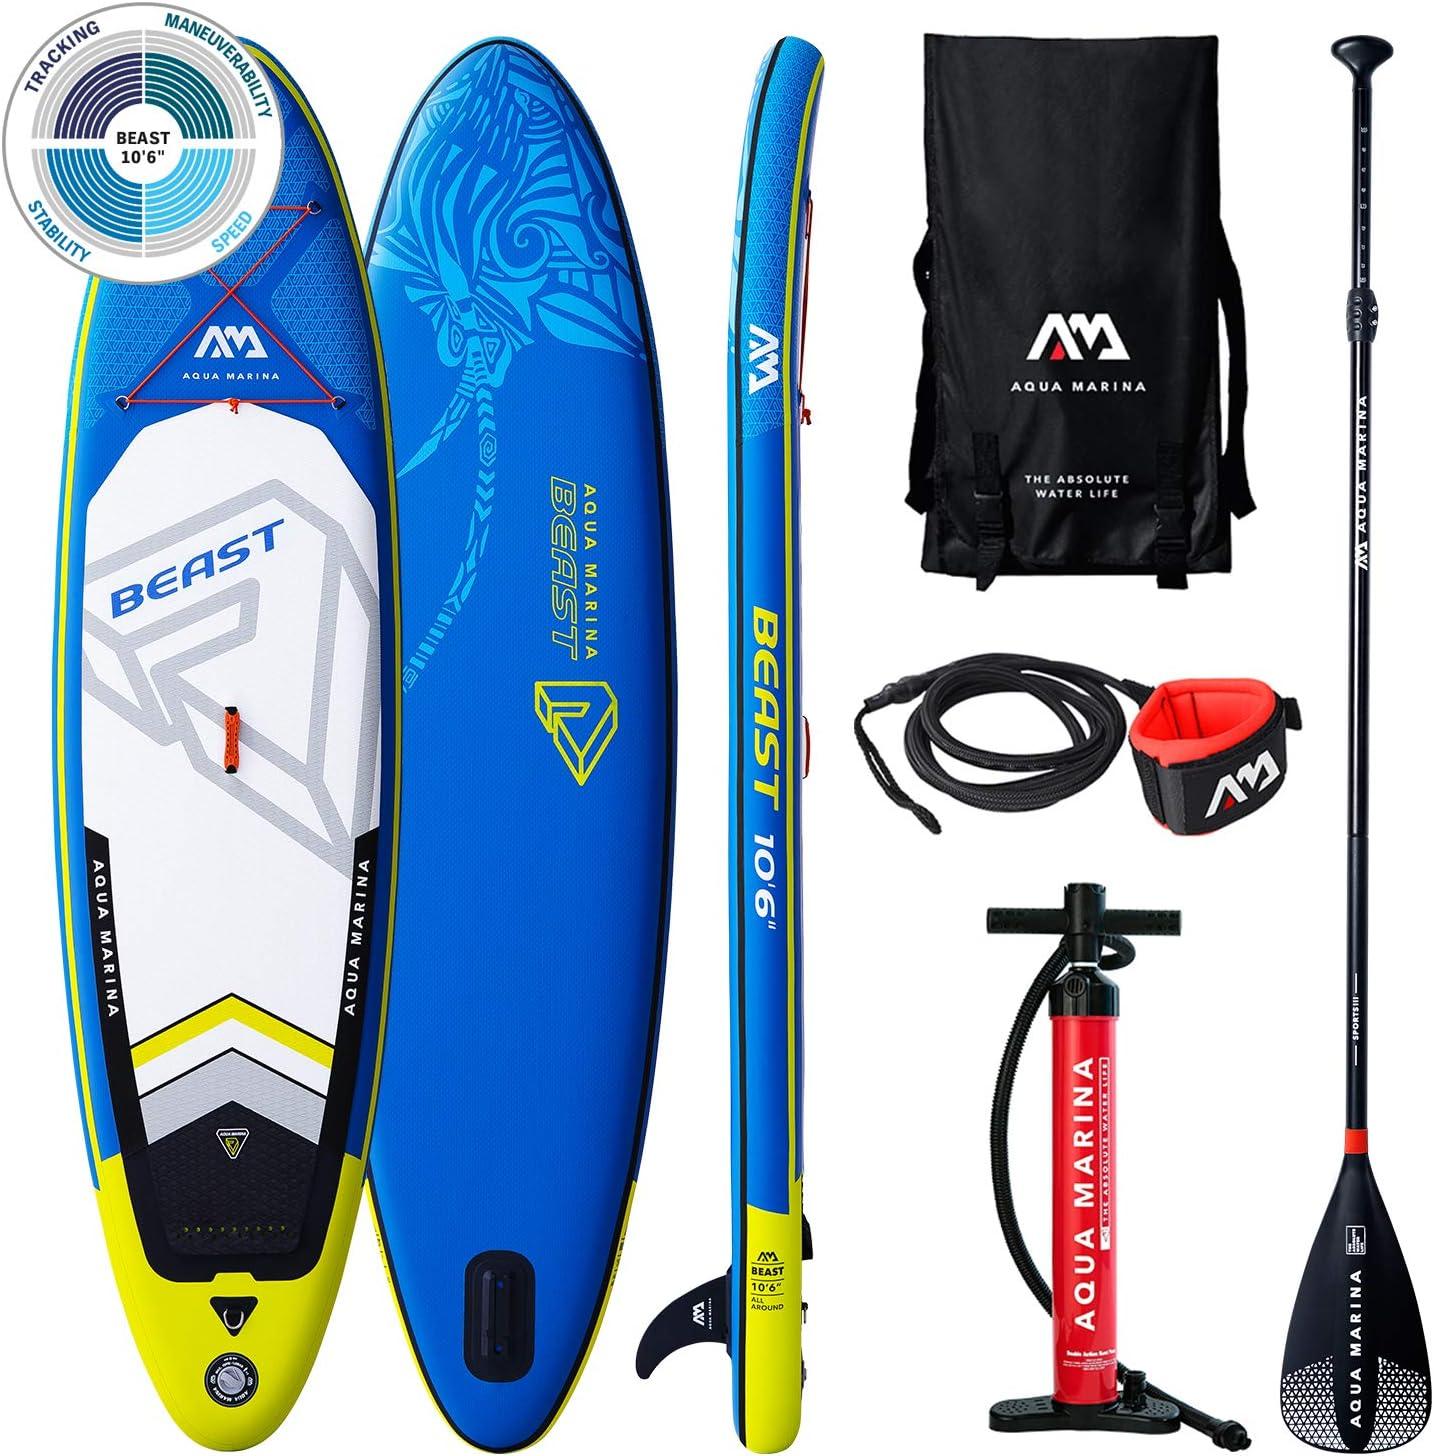 Aqua Marina Beast Advanced All-Around Isup, Adultos Unisex, Blue, Uni